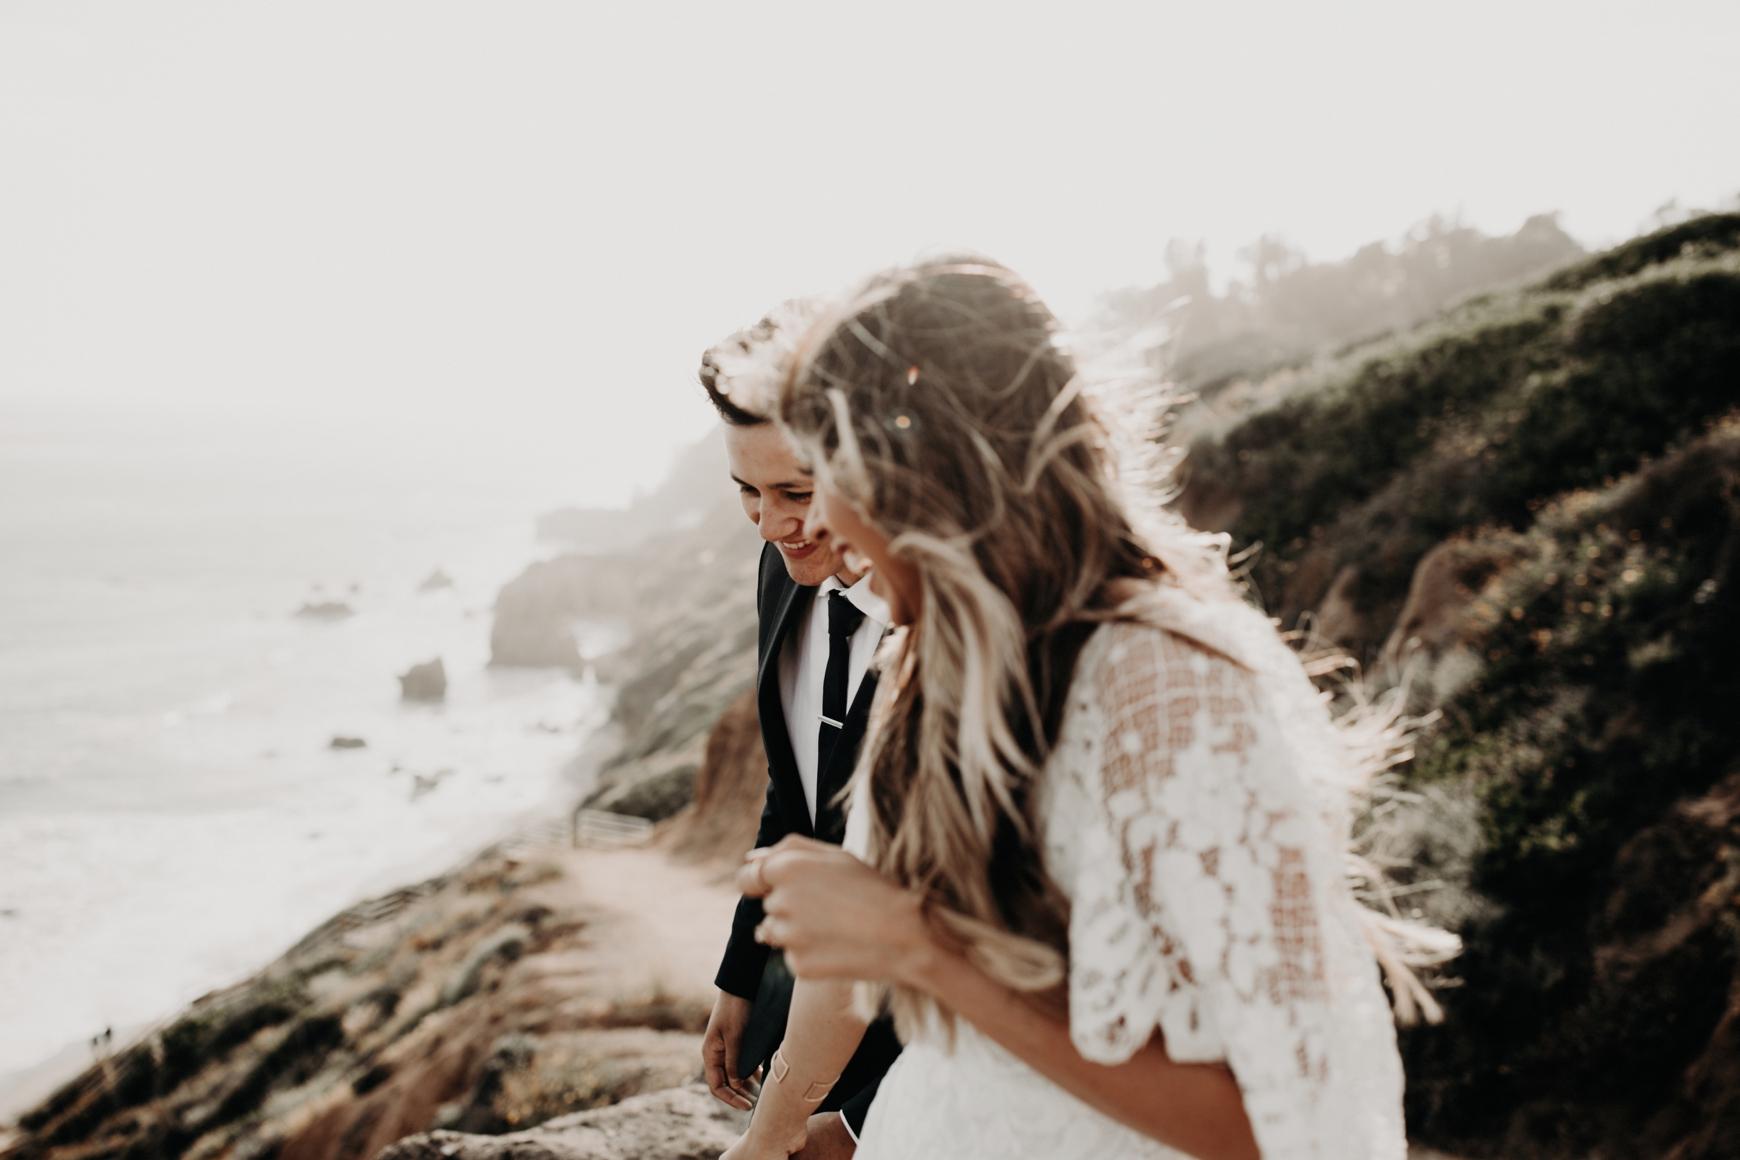 El Matador Beach Bridal Portraits Justellen & TJ Emily Magers Photography-82Emily Magers Photography.jpg